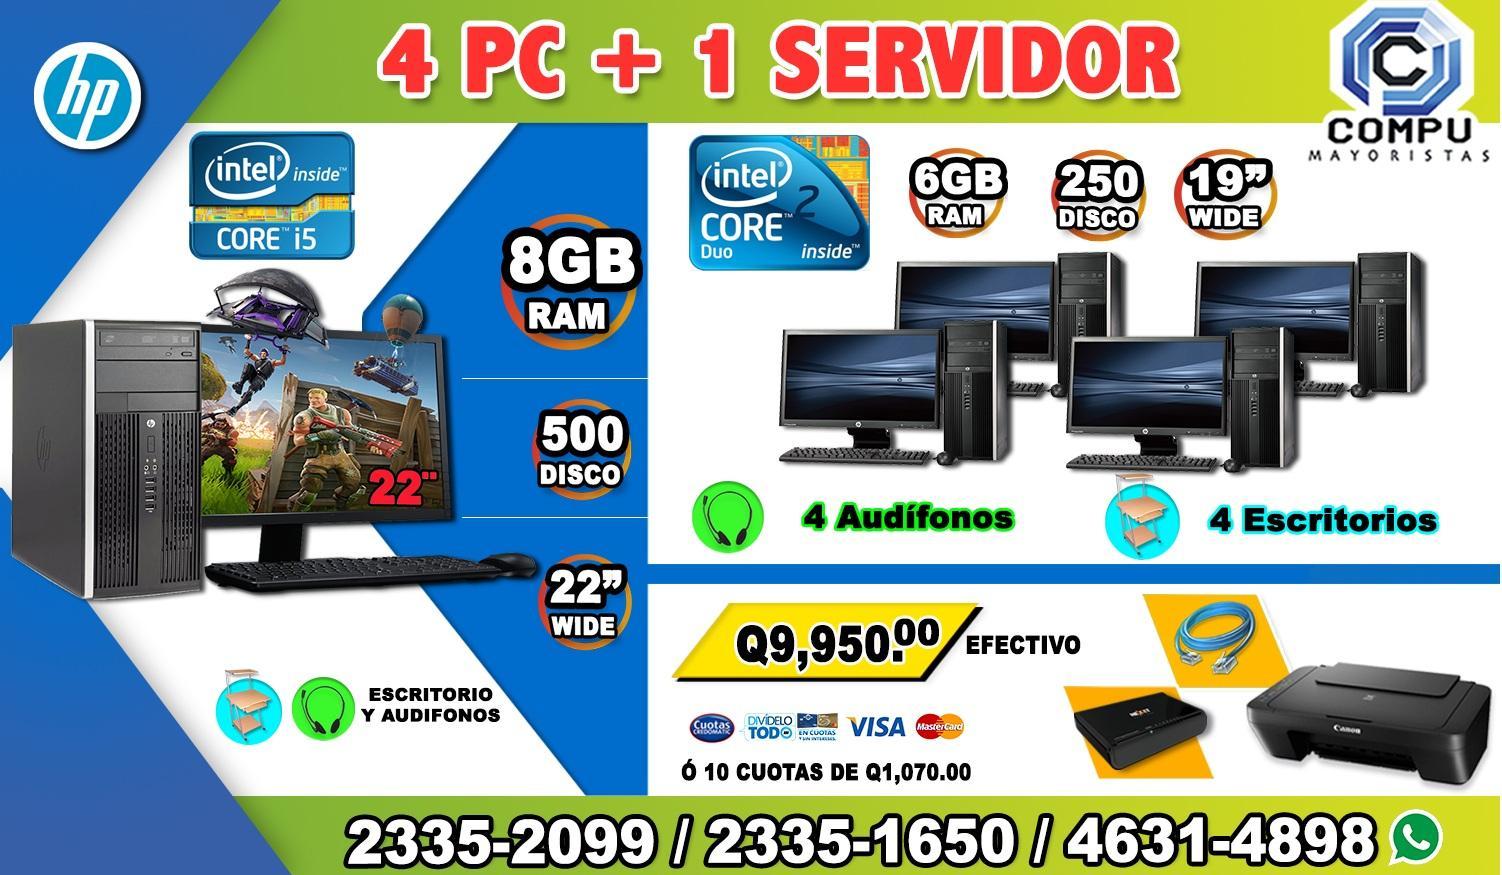 COMBO DINAMICO 04+ COMPUTADORAS HP CORE2DUO+ 01 COMPUTADORA HP COREi5